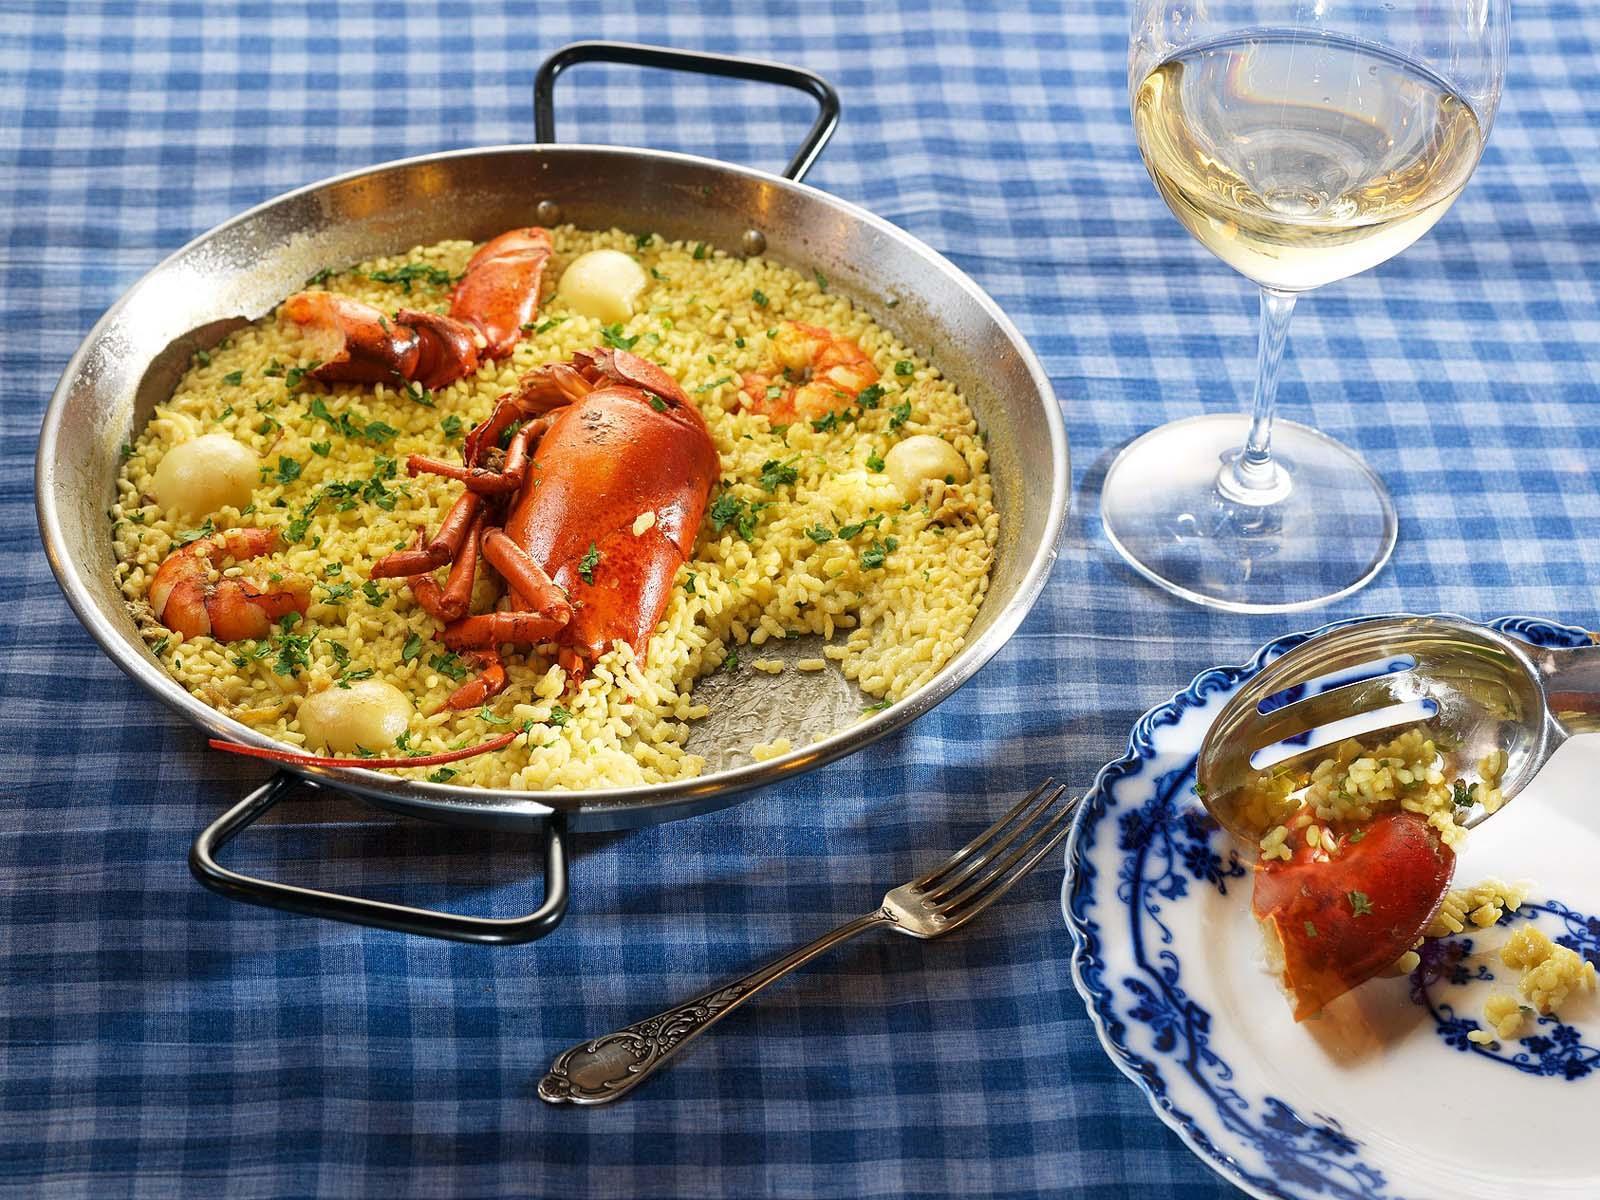 испанская кухня рецепты с фото в домашних условиях актриса росла спокойным